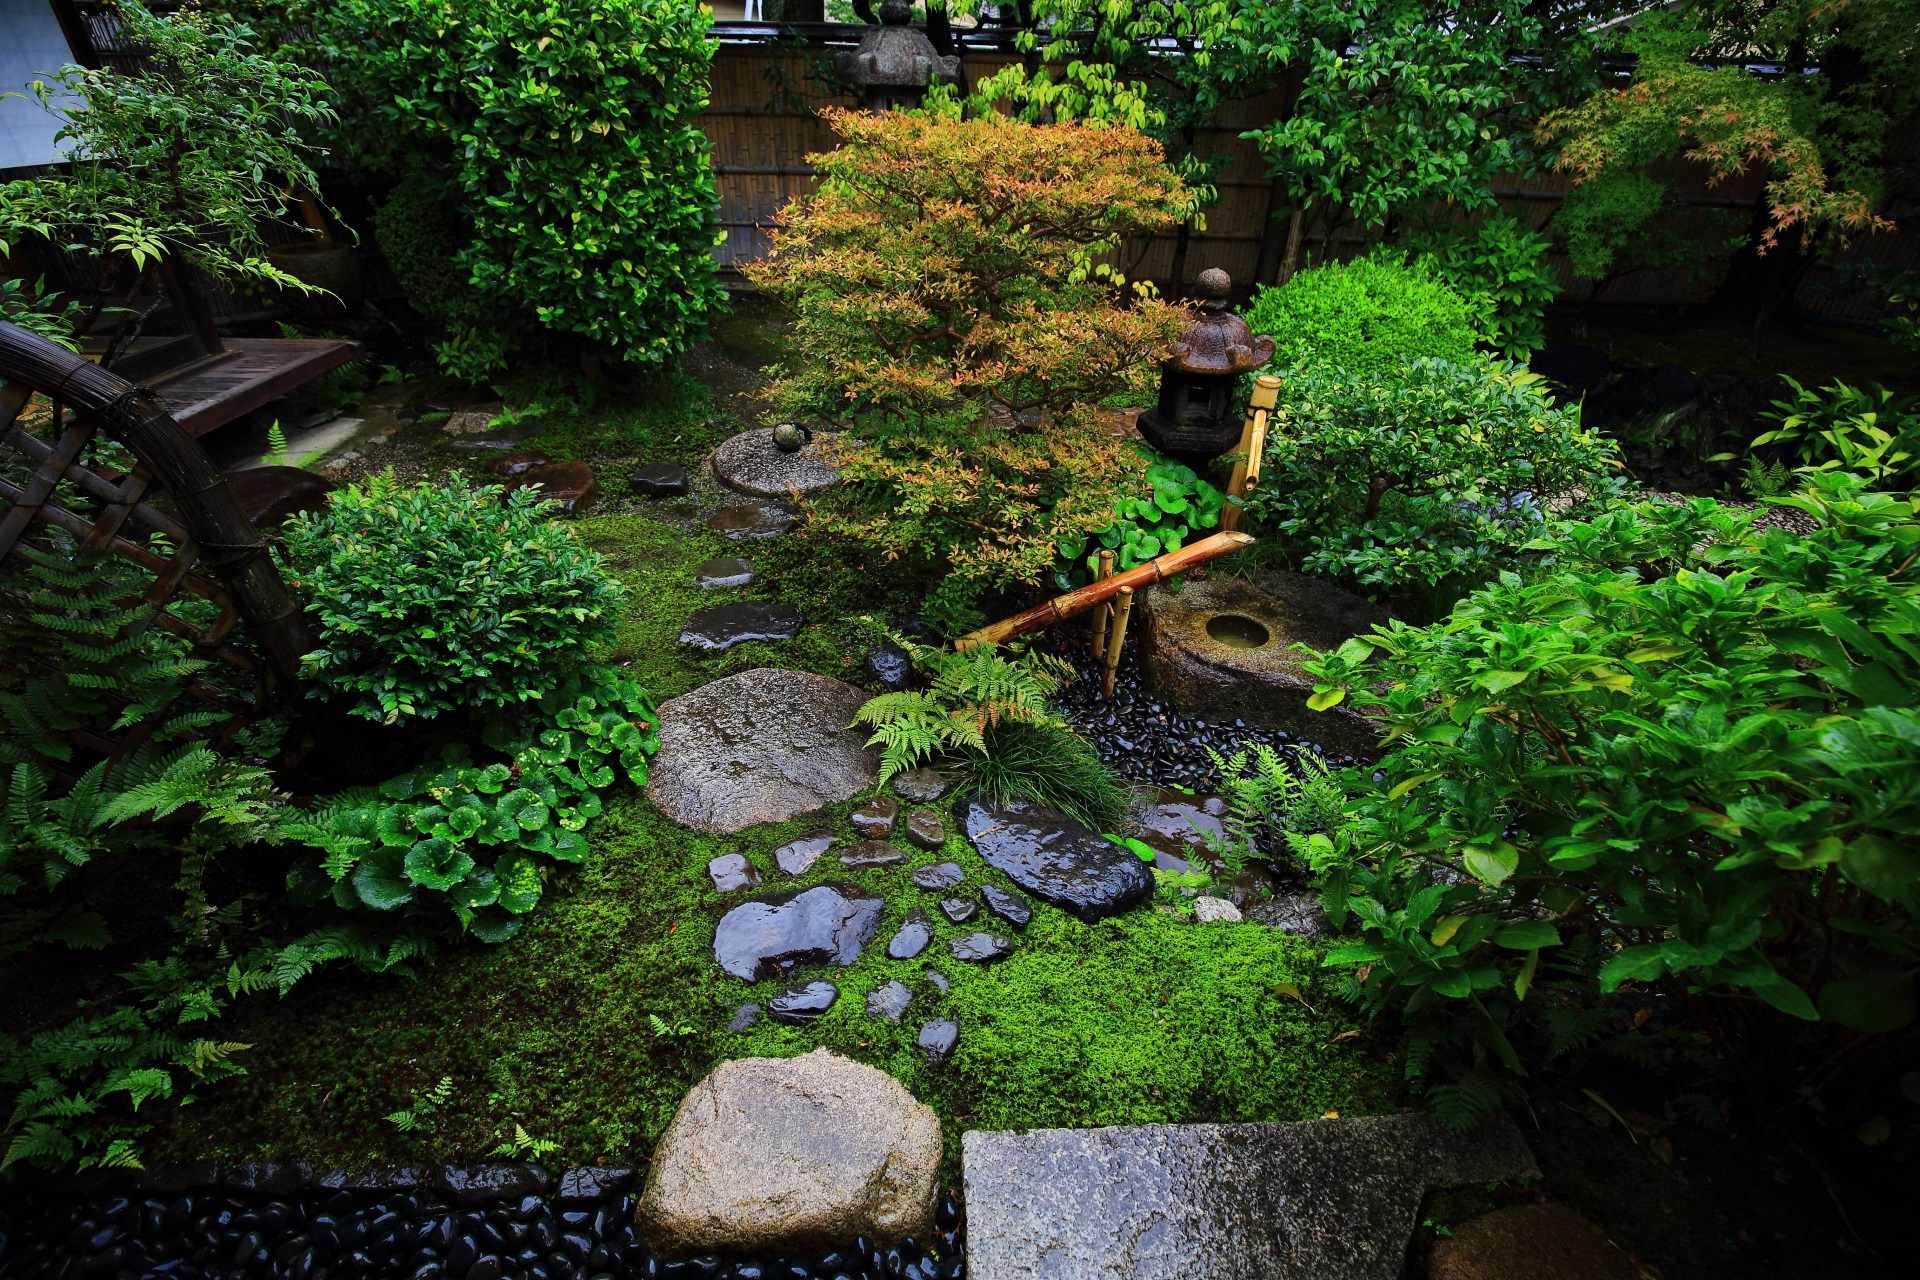 観智院の茶室「楓泉観(ふうせんかん)」の露地庭